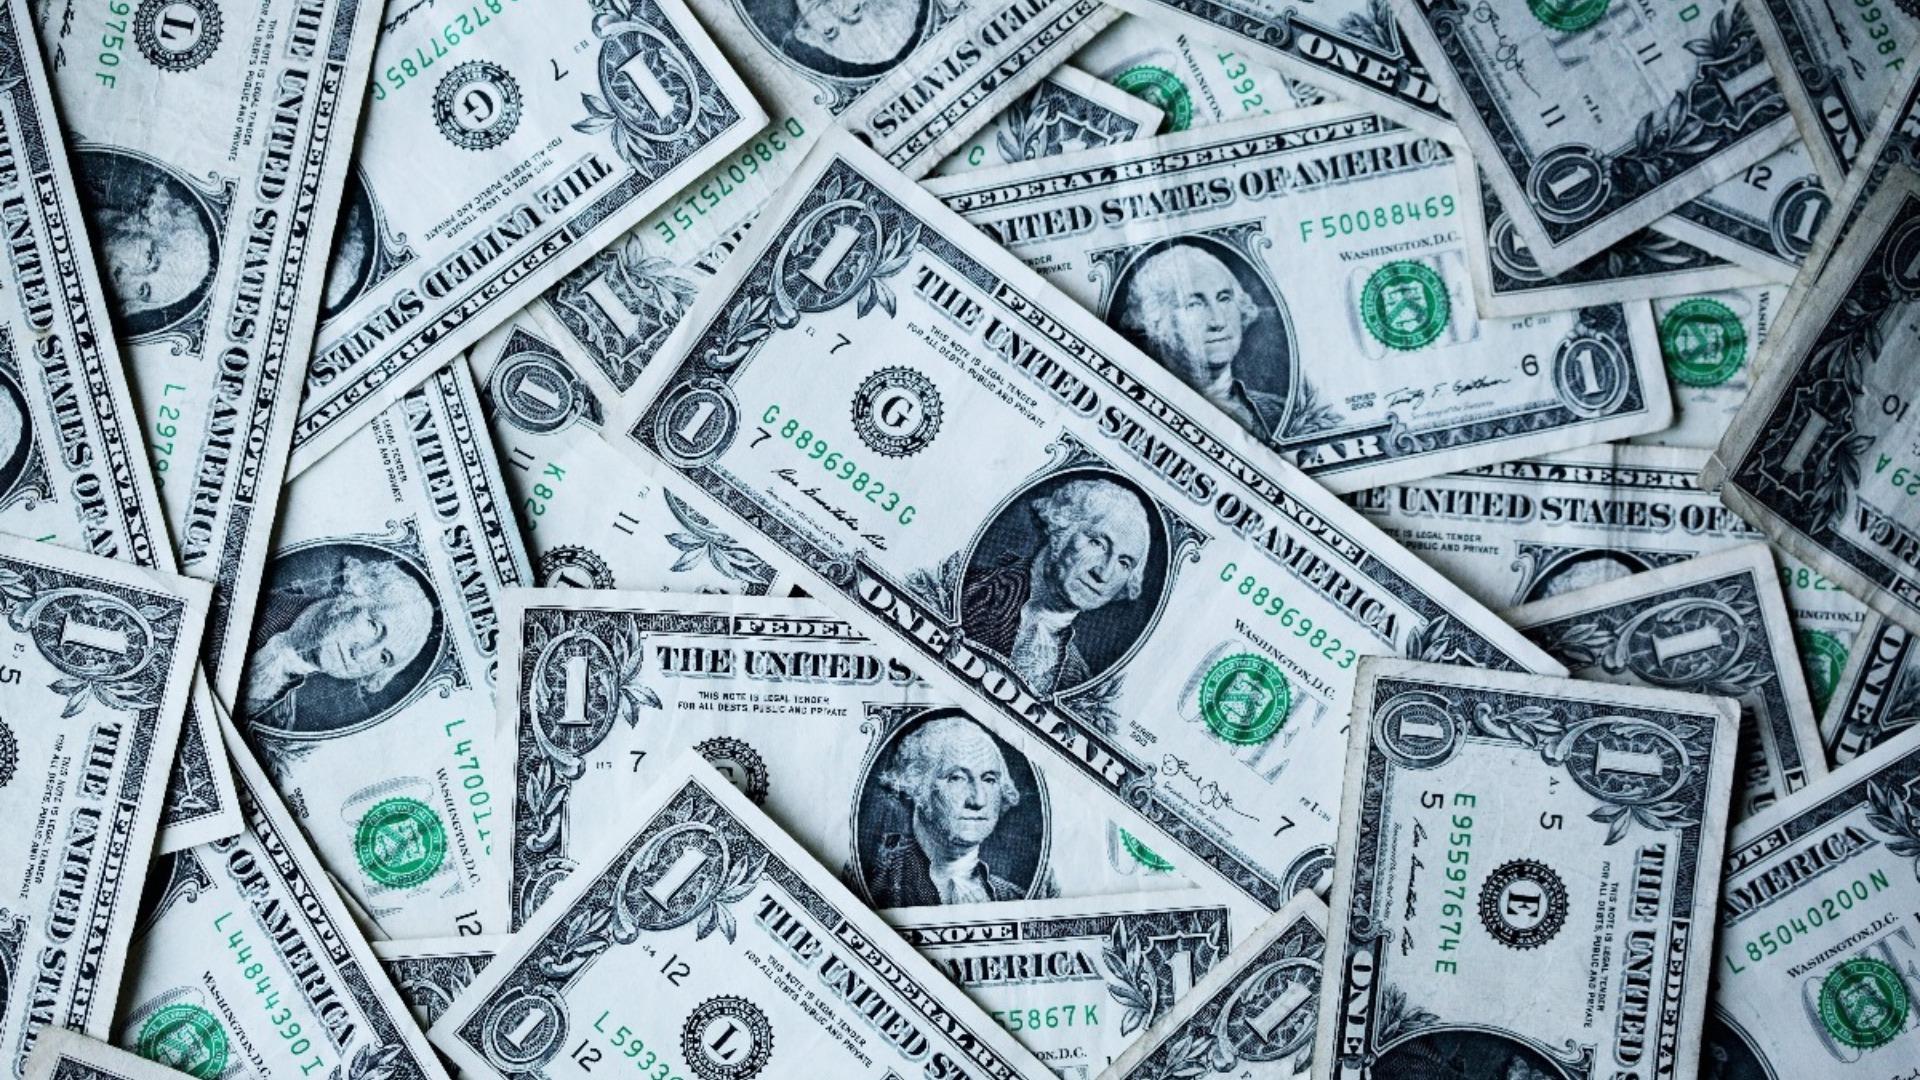 ¿Hay relación entre la dolarización de Venezuela y el crimen organizado?